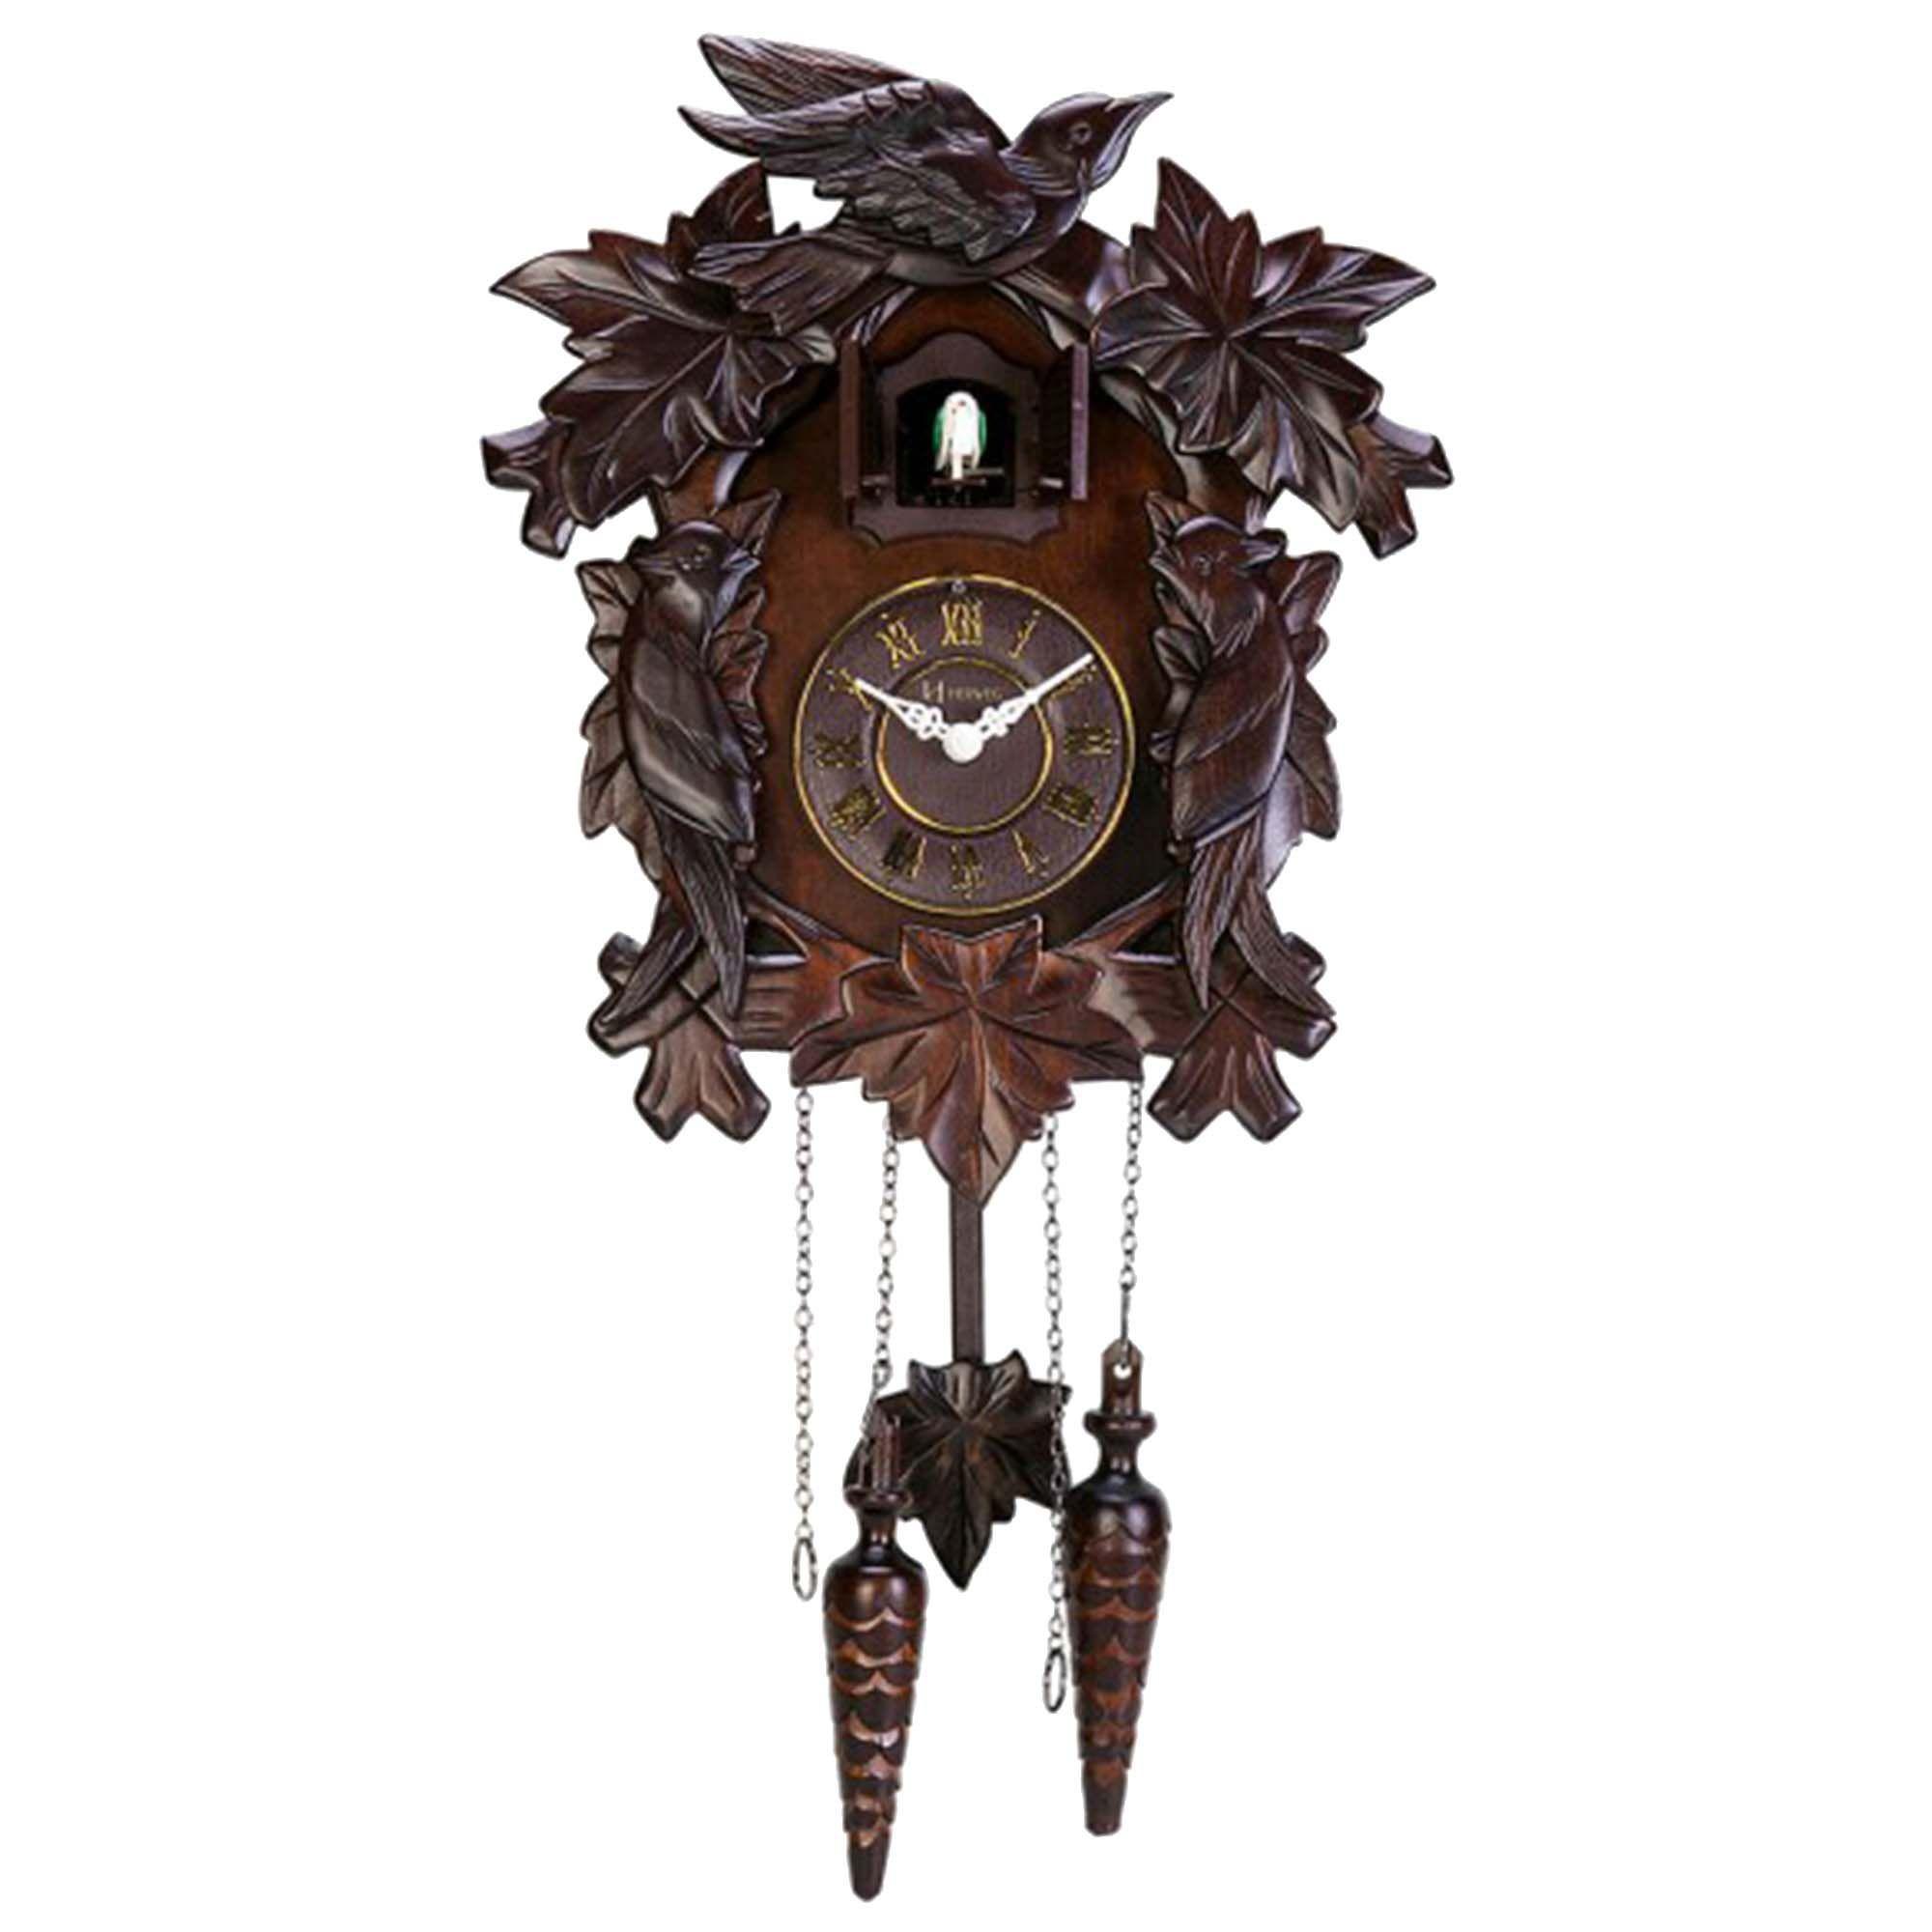 Relógio de Parede Cuco Herweg 5379 084 Marrom Ipê